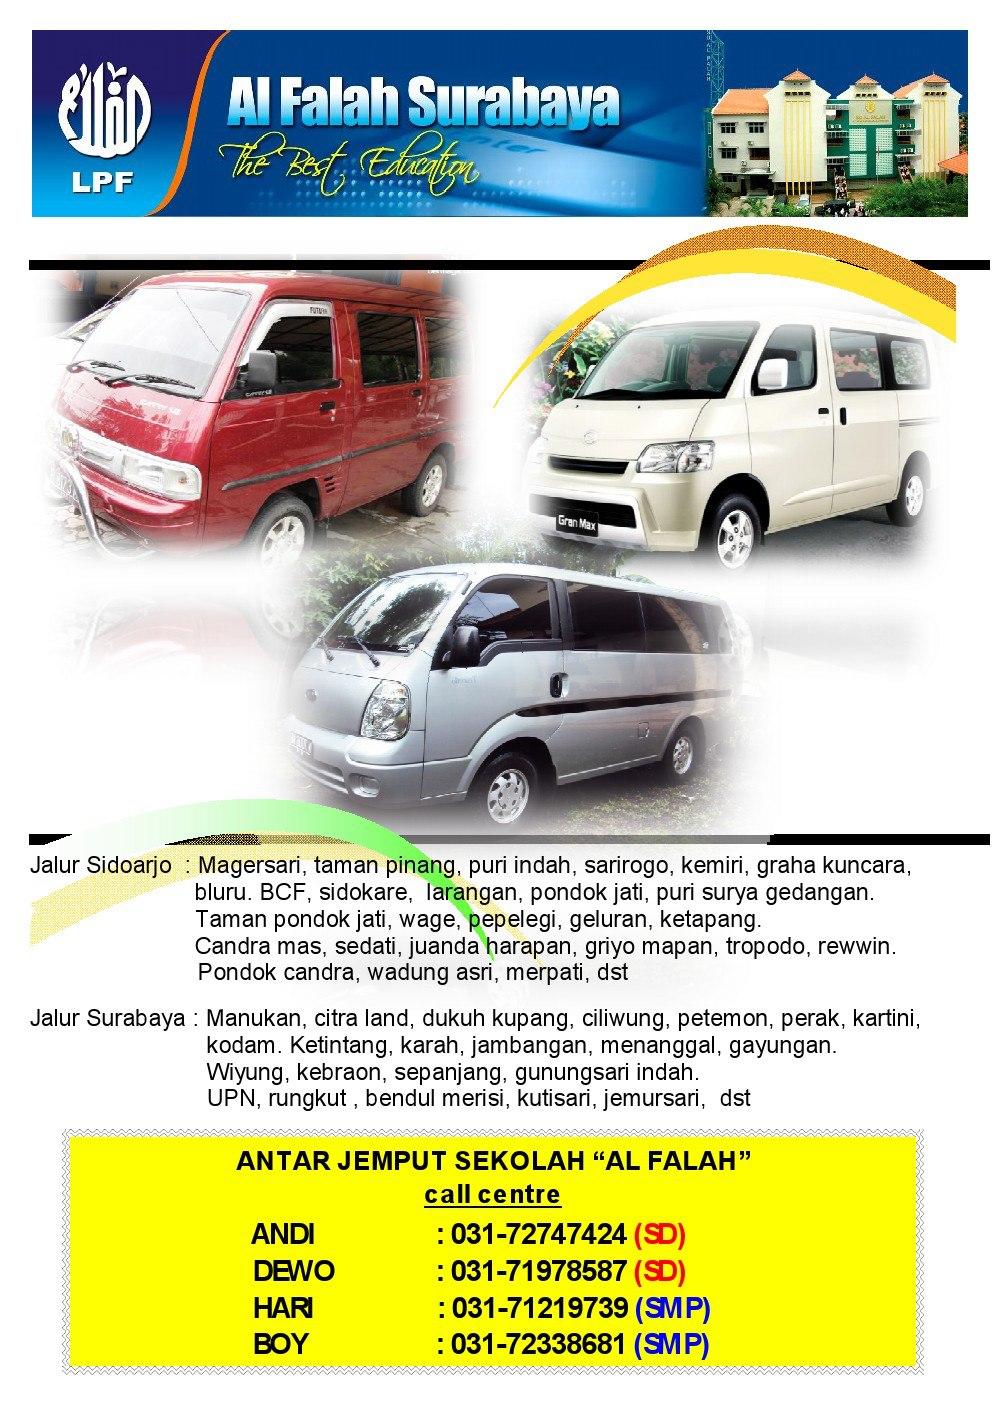 Solusi Tepat Transportasi Sekolah Di Al Falah Surabaya